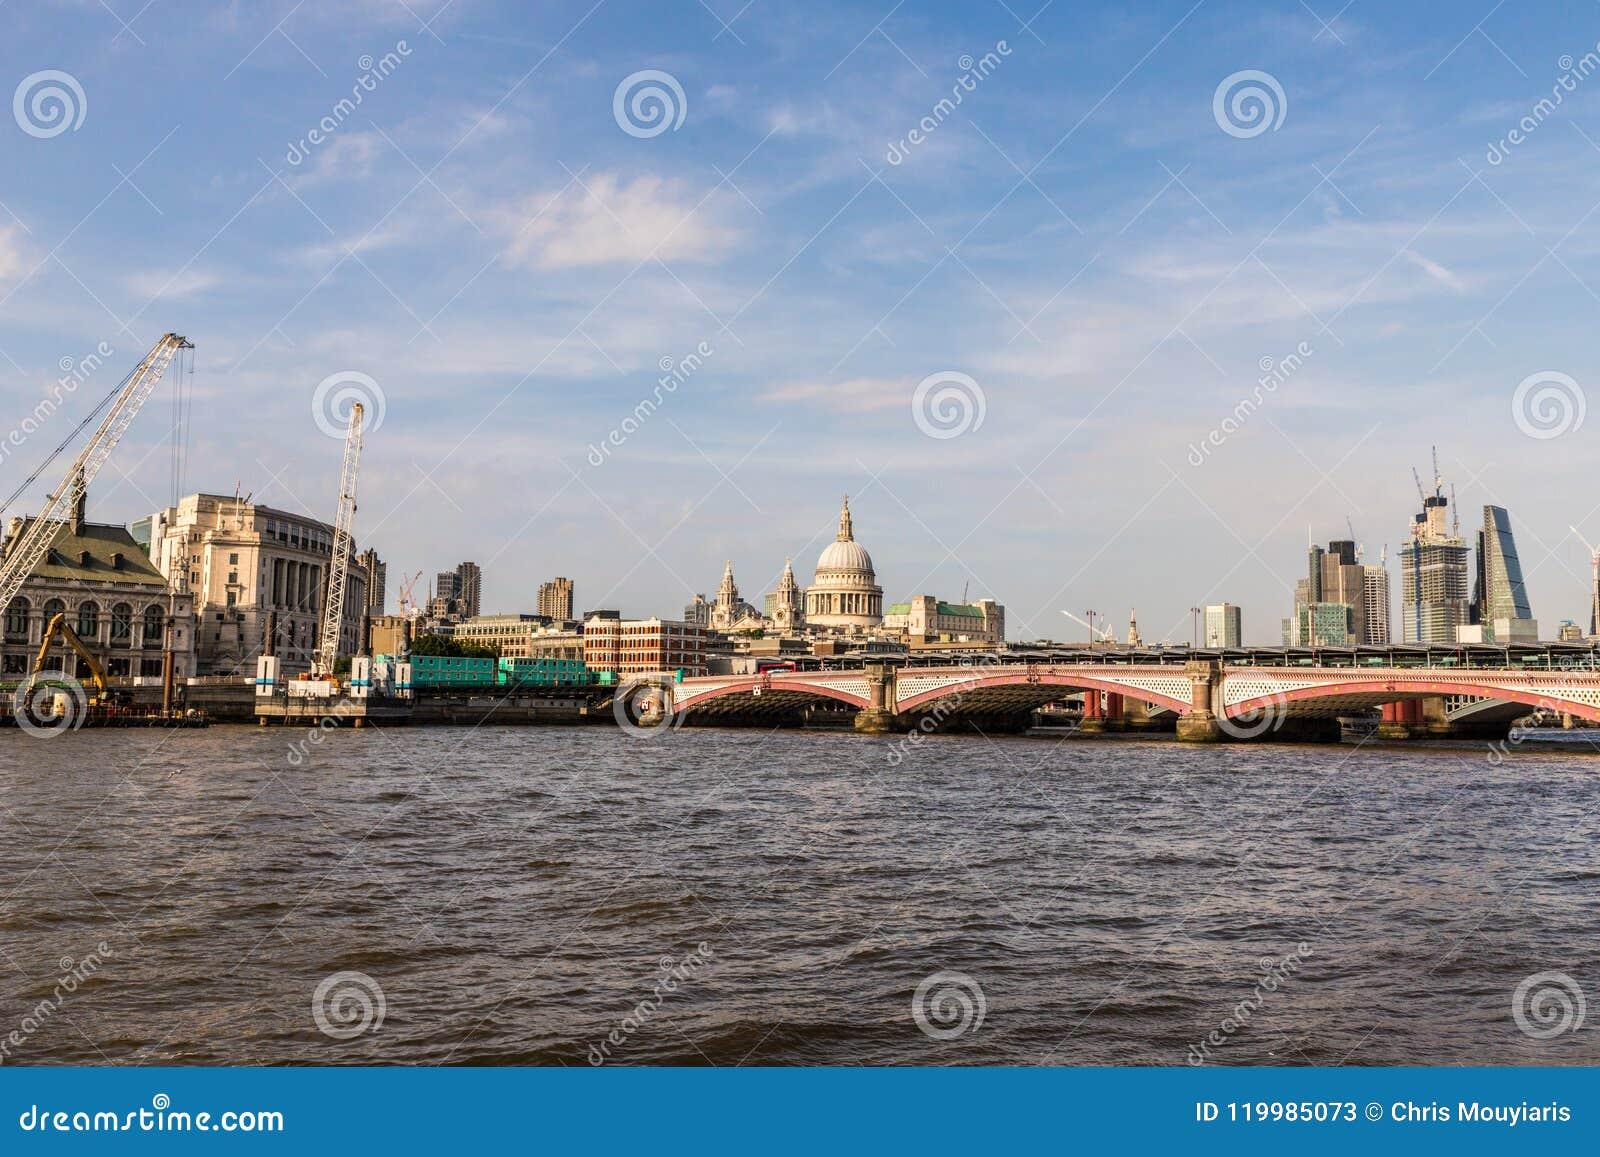 South bank london riverside